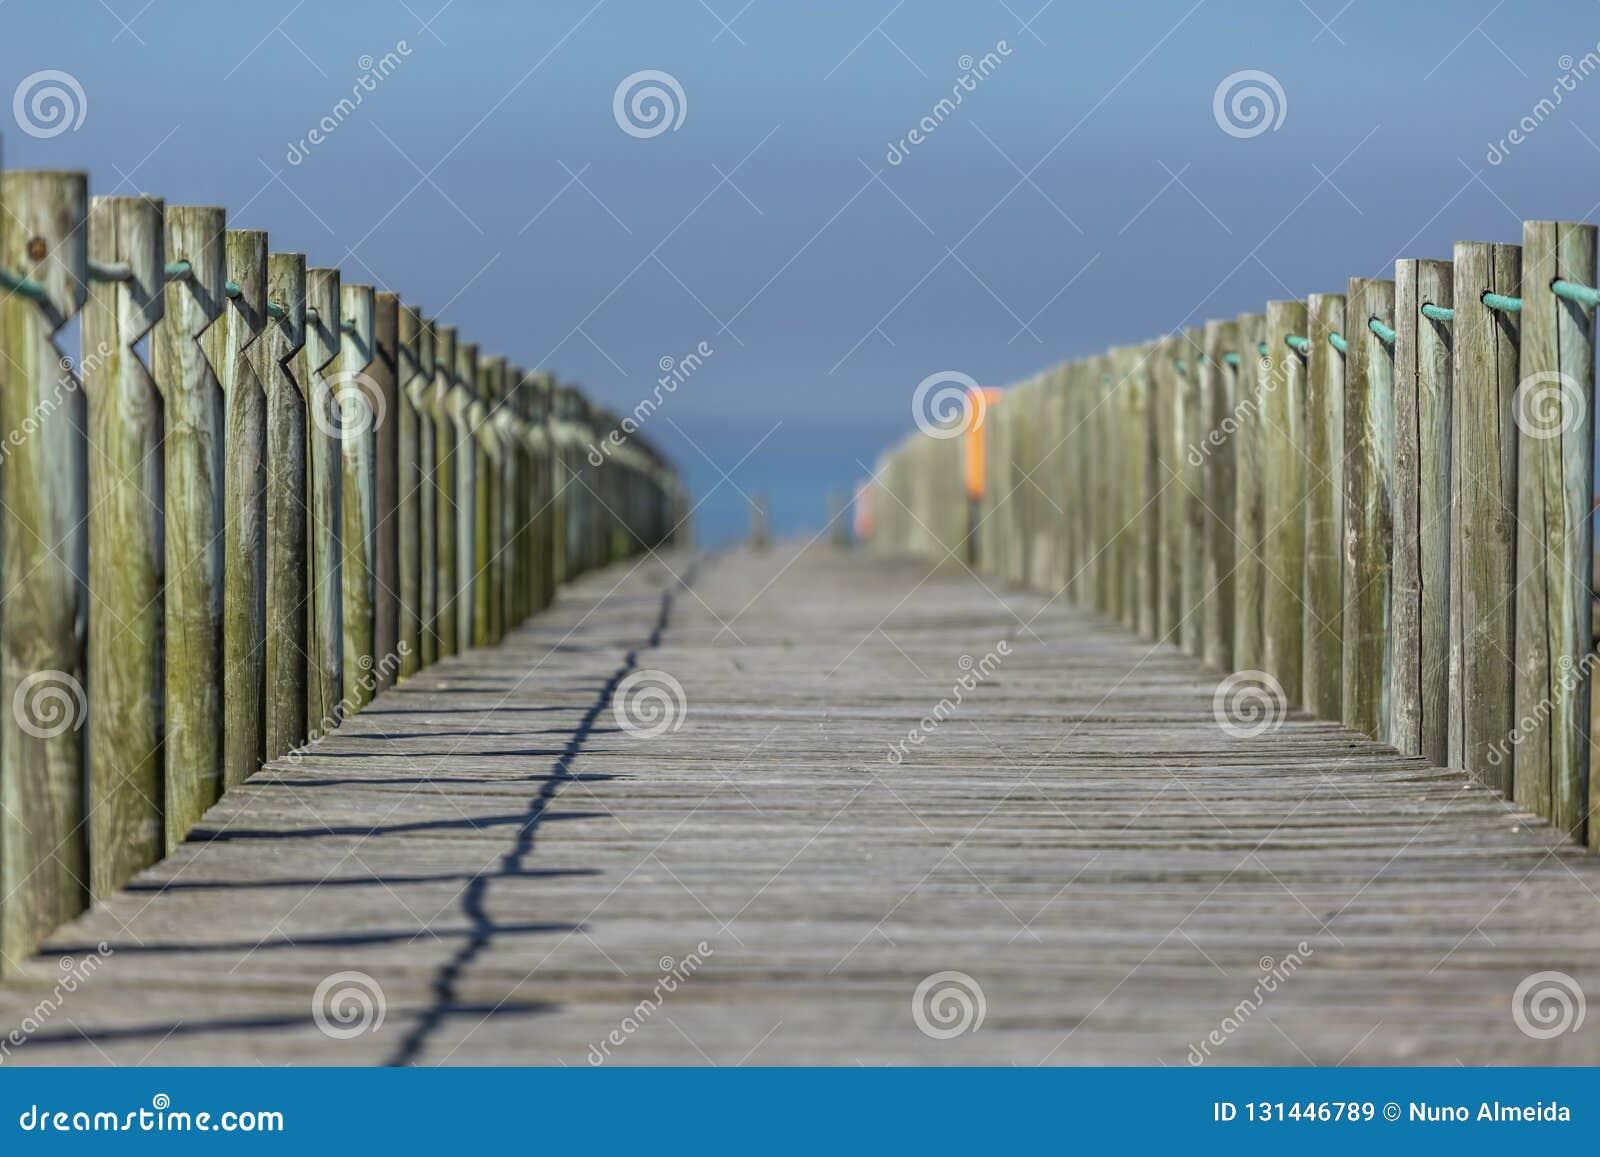 Vista di prospettiva del viale pedonale di legno, verso l oceano, accanto alla spiaggia, il Portogallo